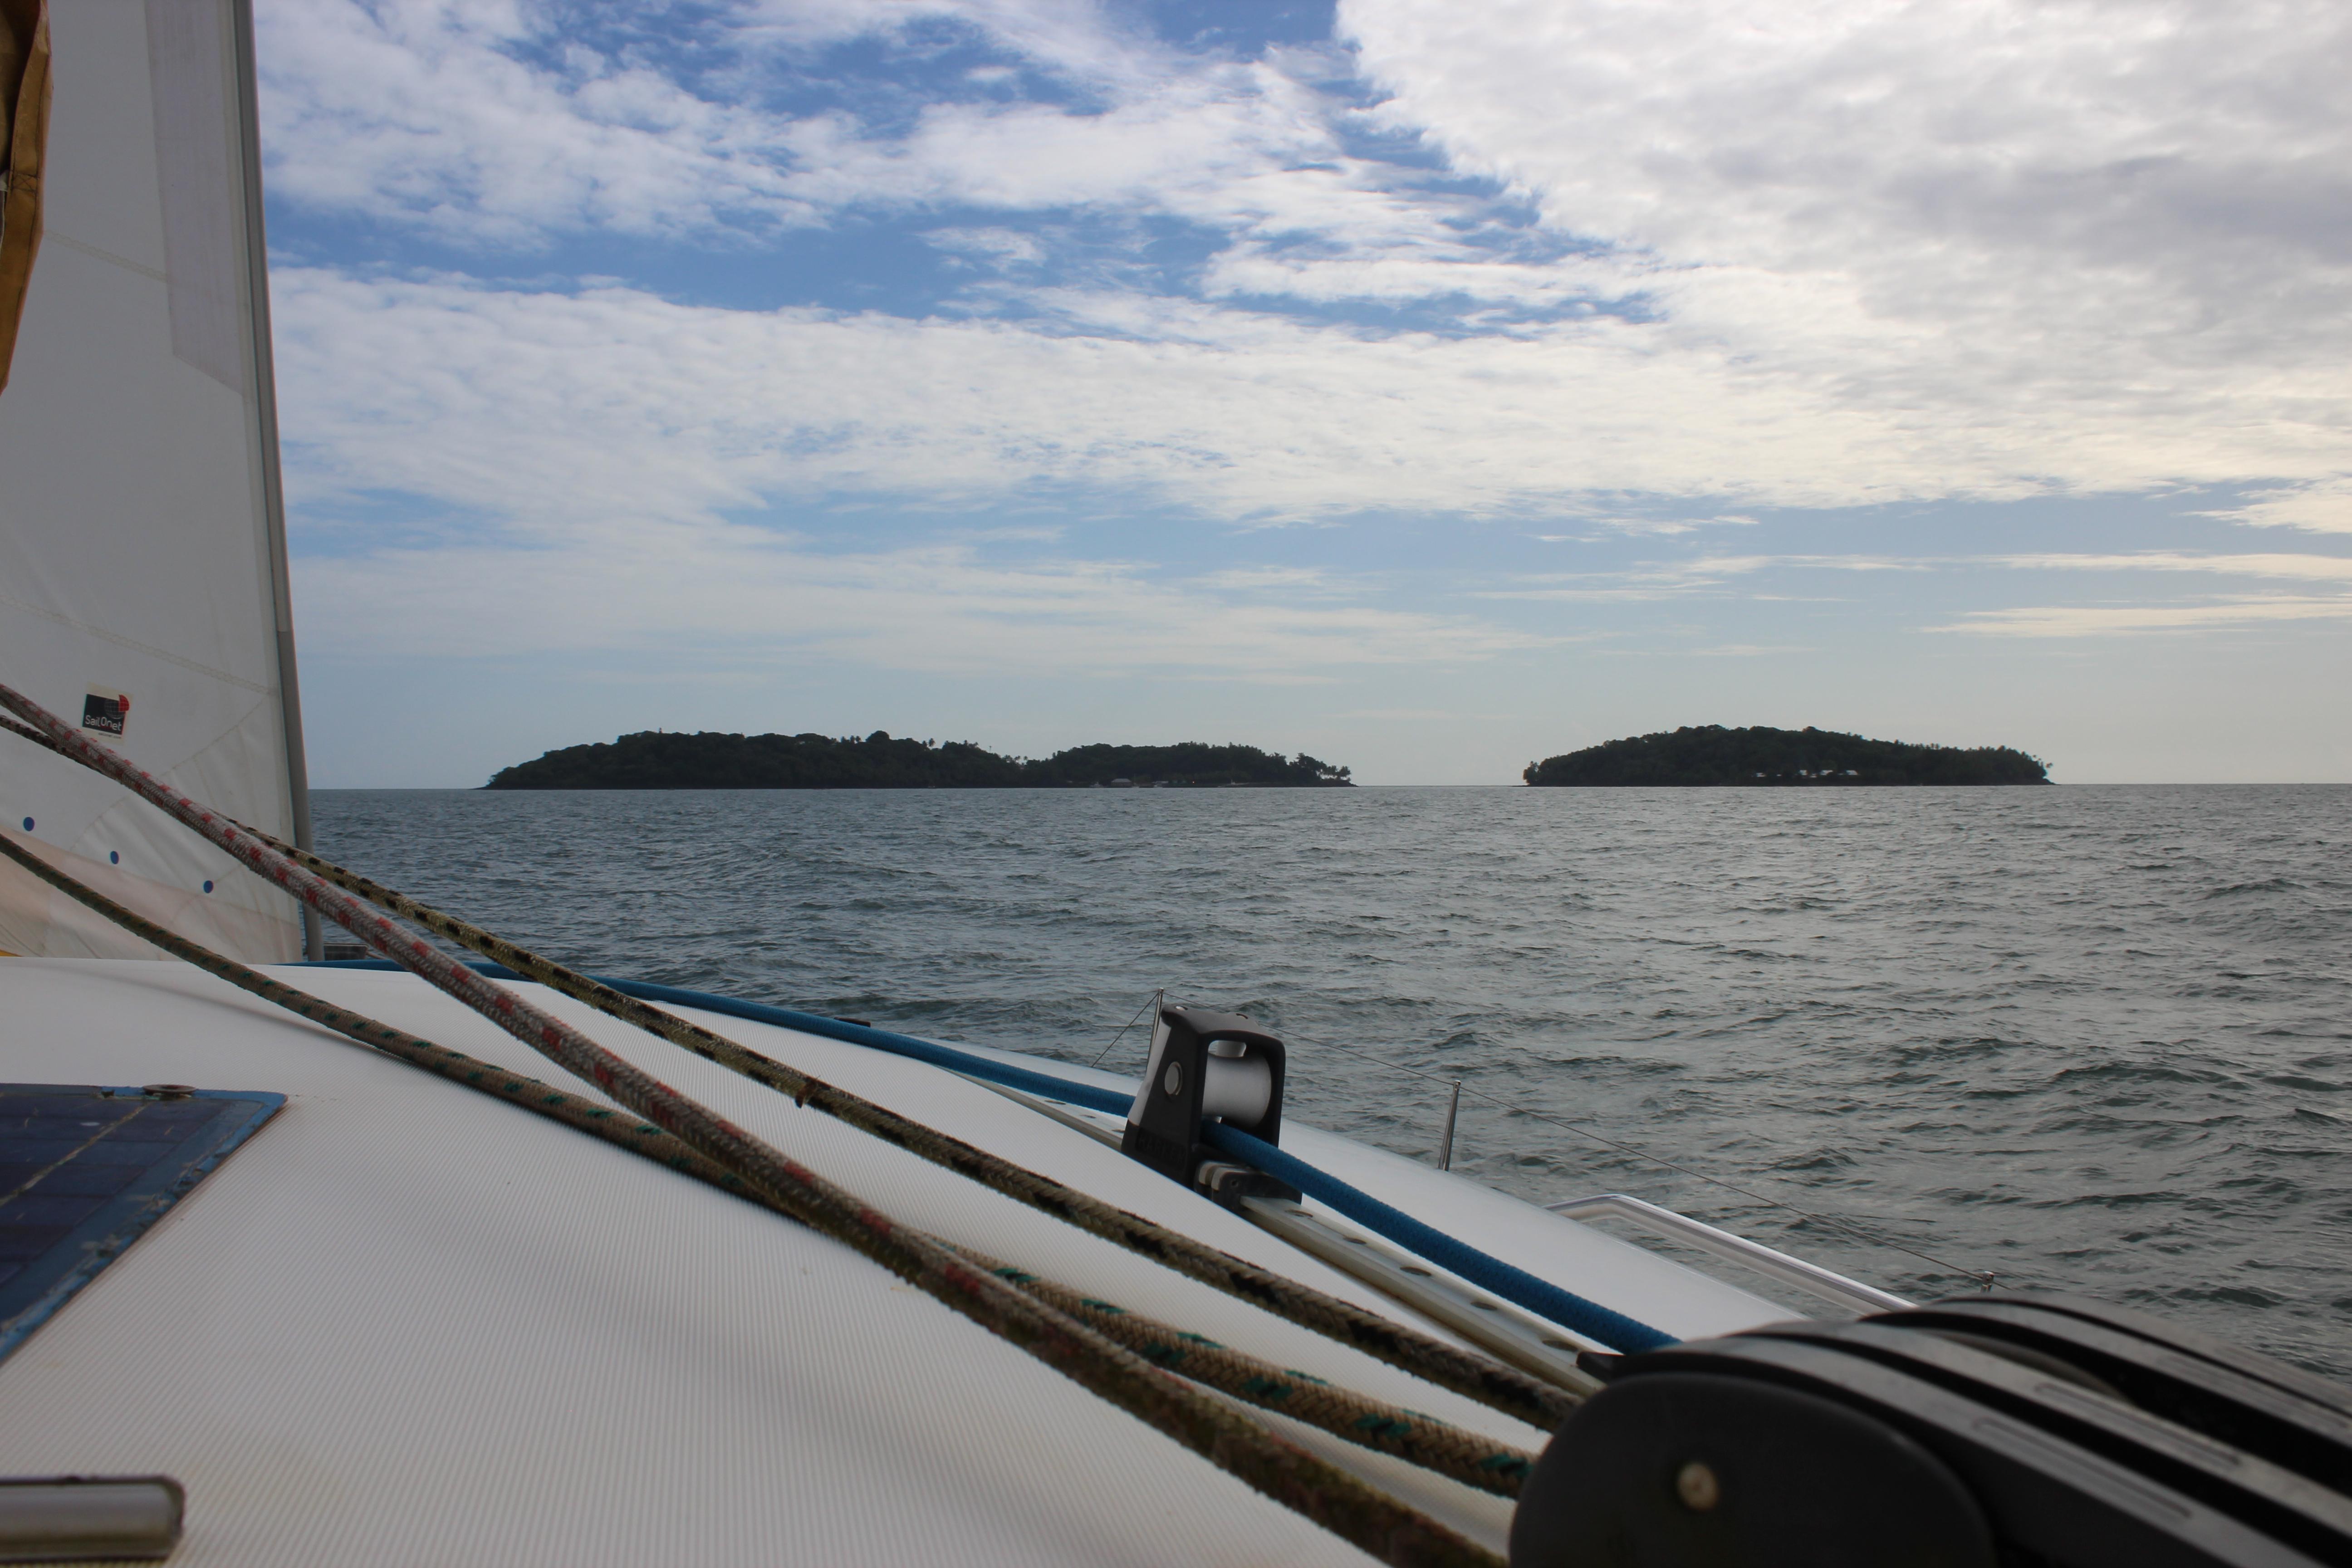 Iles du Salut, au large de Kourou (Guyane Française)